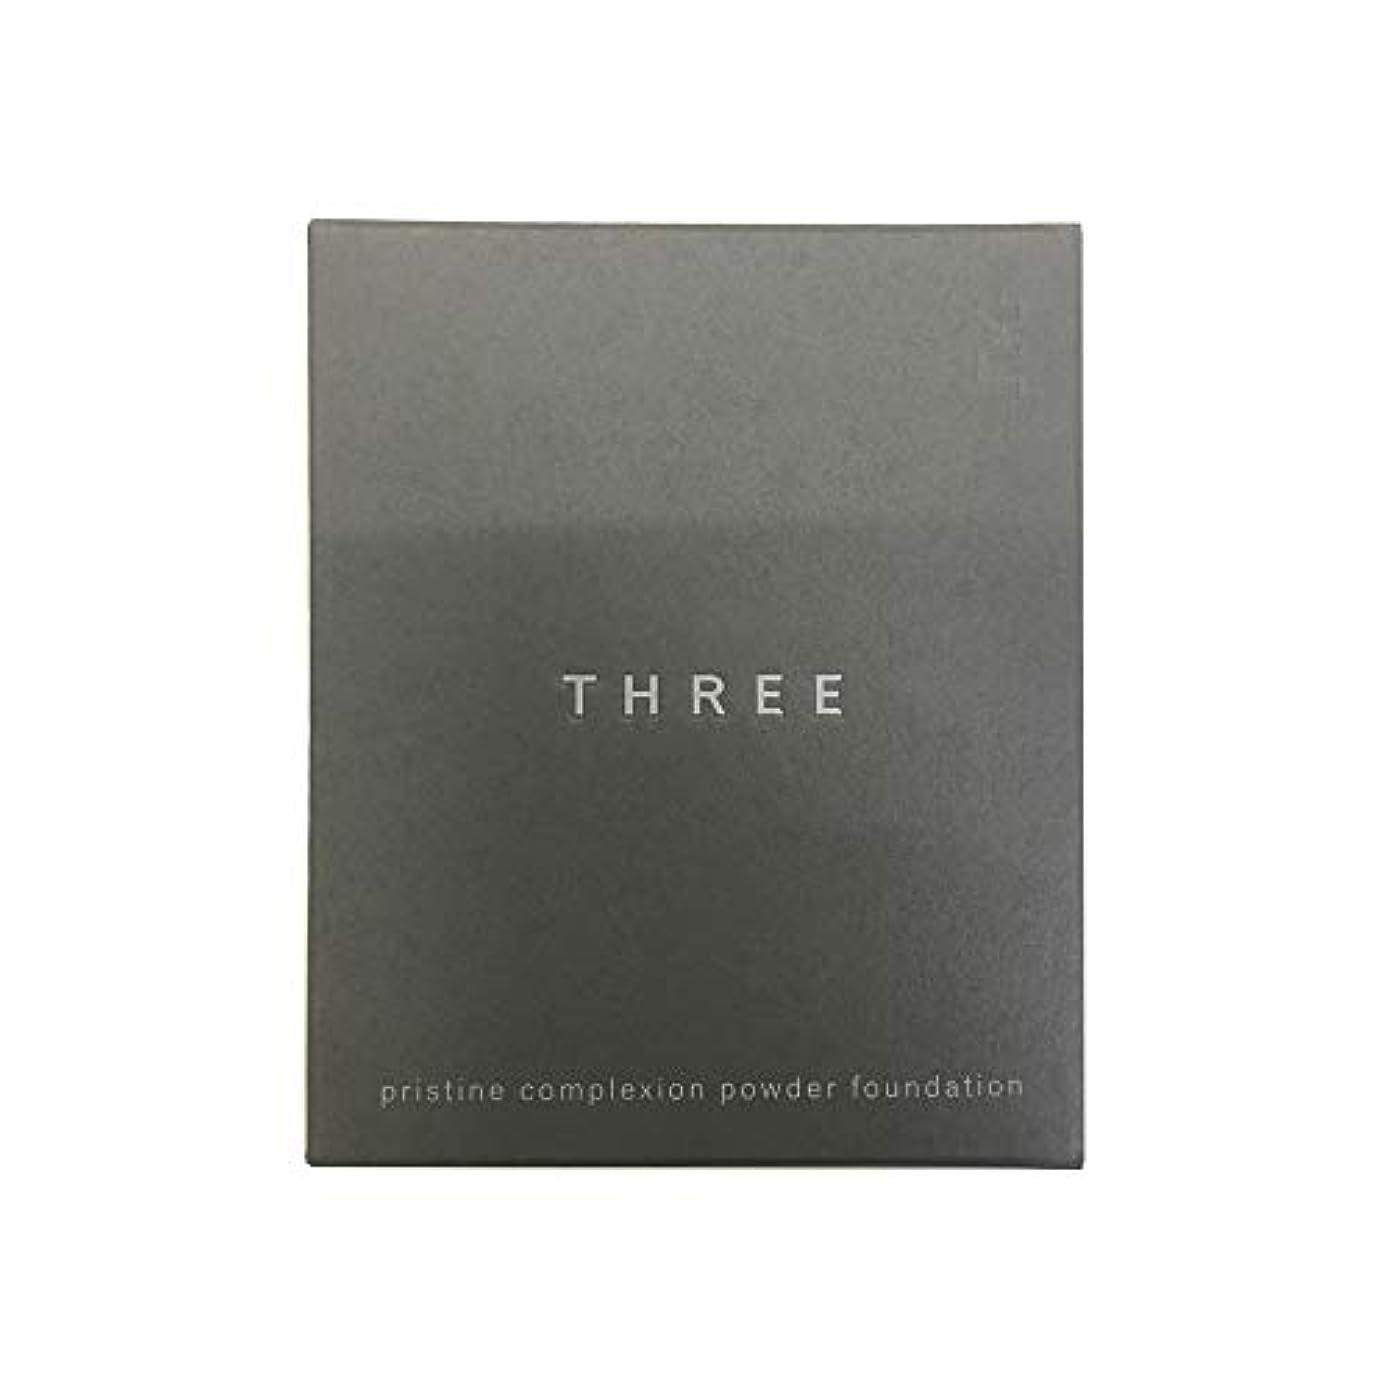 故意のスパイラル防止THREE(スリー) プリスティーンコンプレクションパウダーファンデーション #101(リフィル) [ パウダーファンデーション ] [並行輸入品]